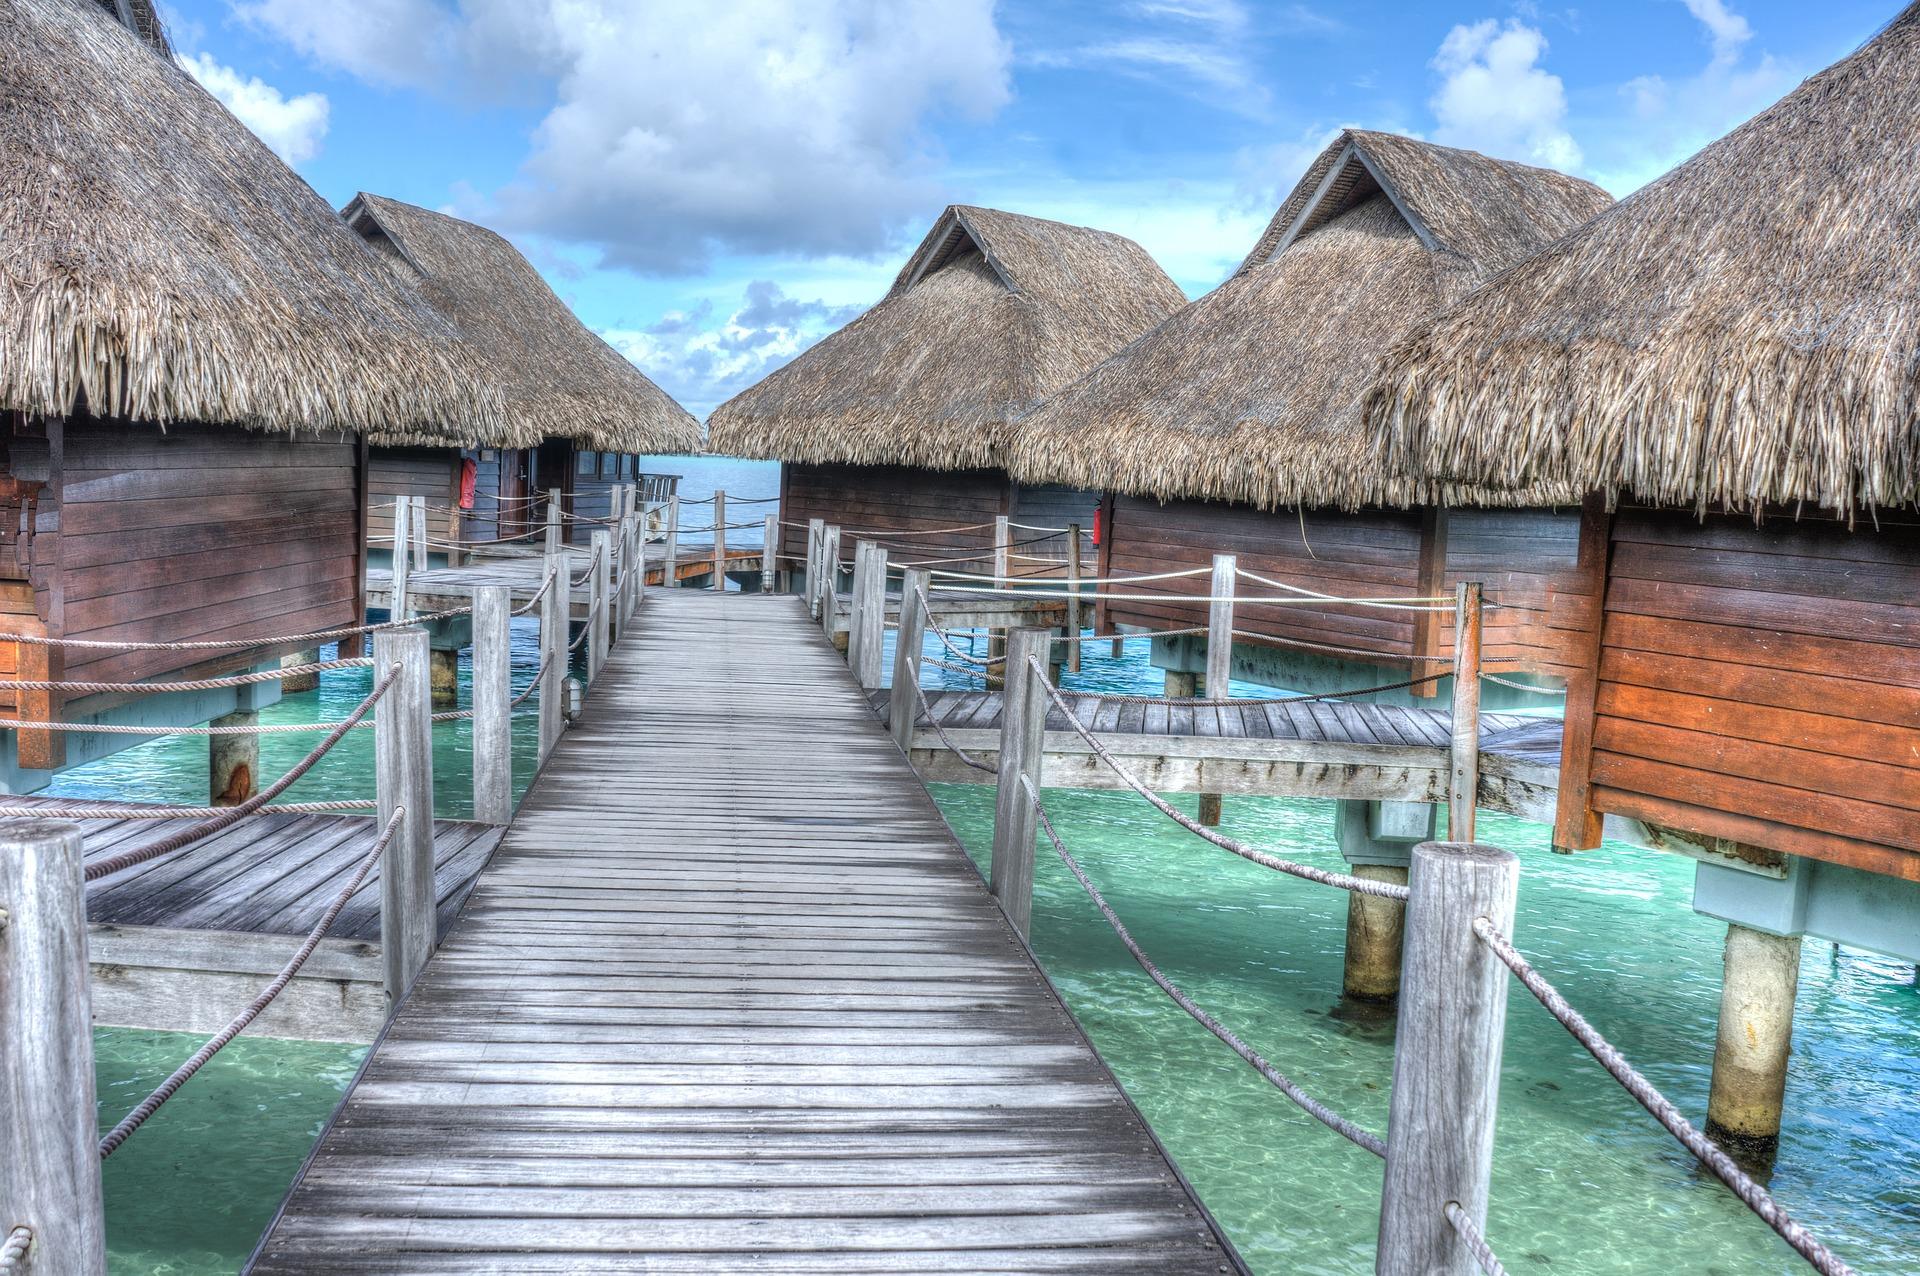 El valor del turismo y el sector hotelero